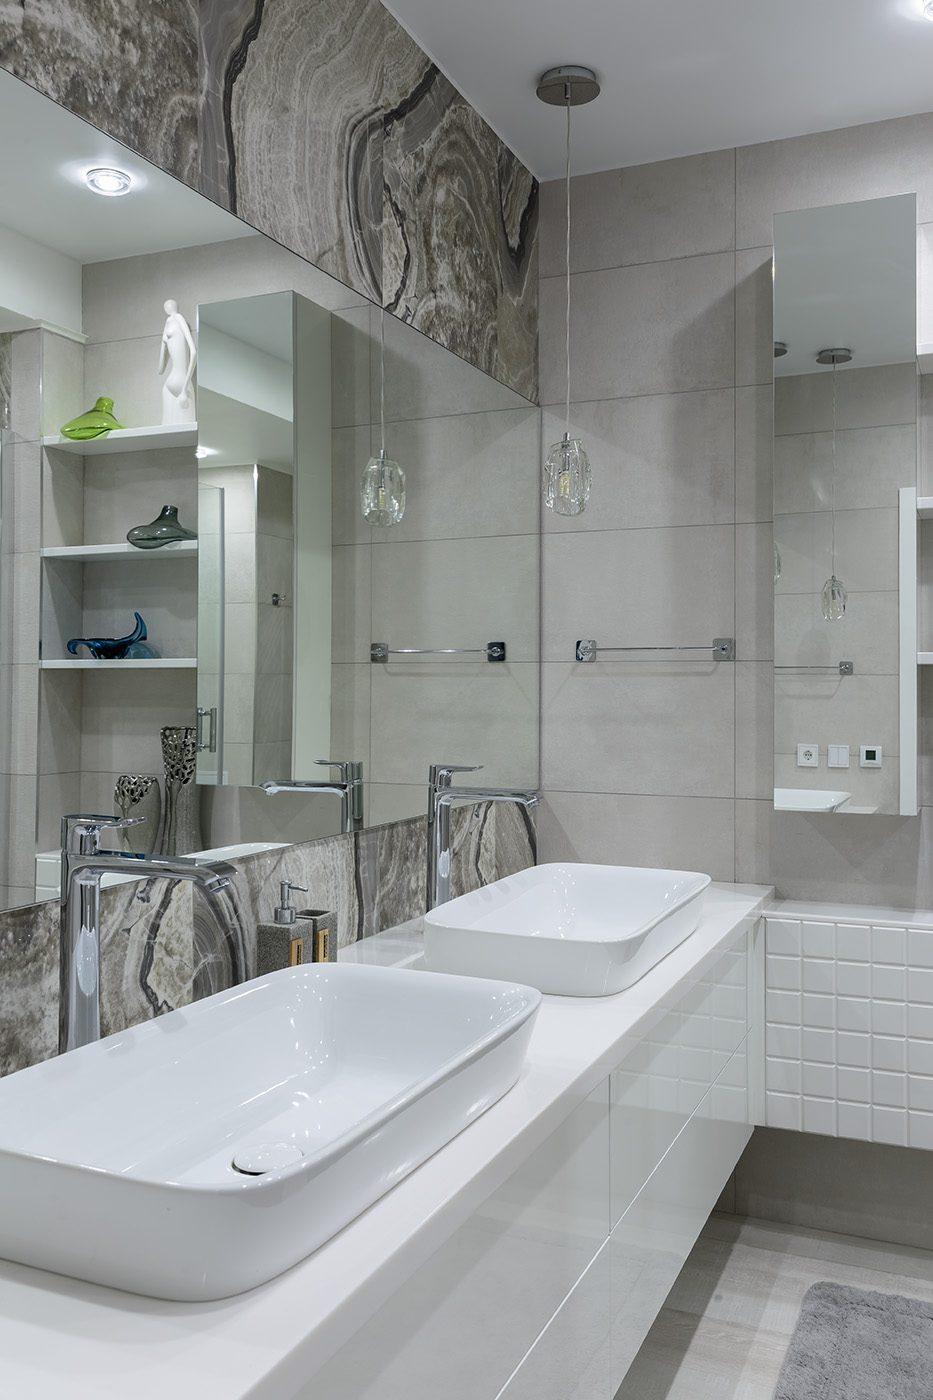 Дизайн интерьера ванной комнаты с двумя раковинами